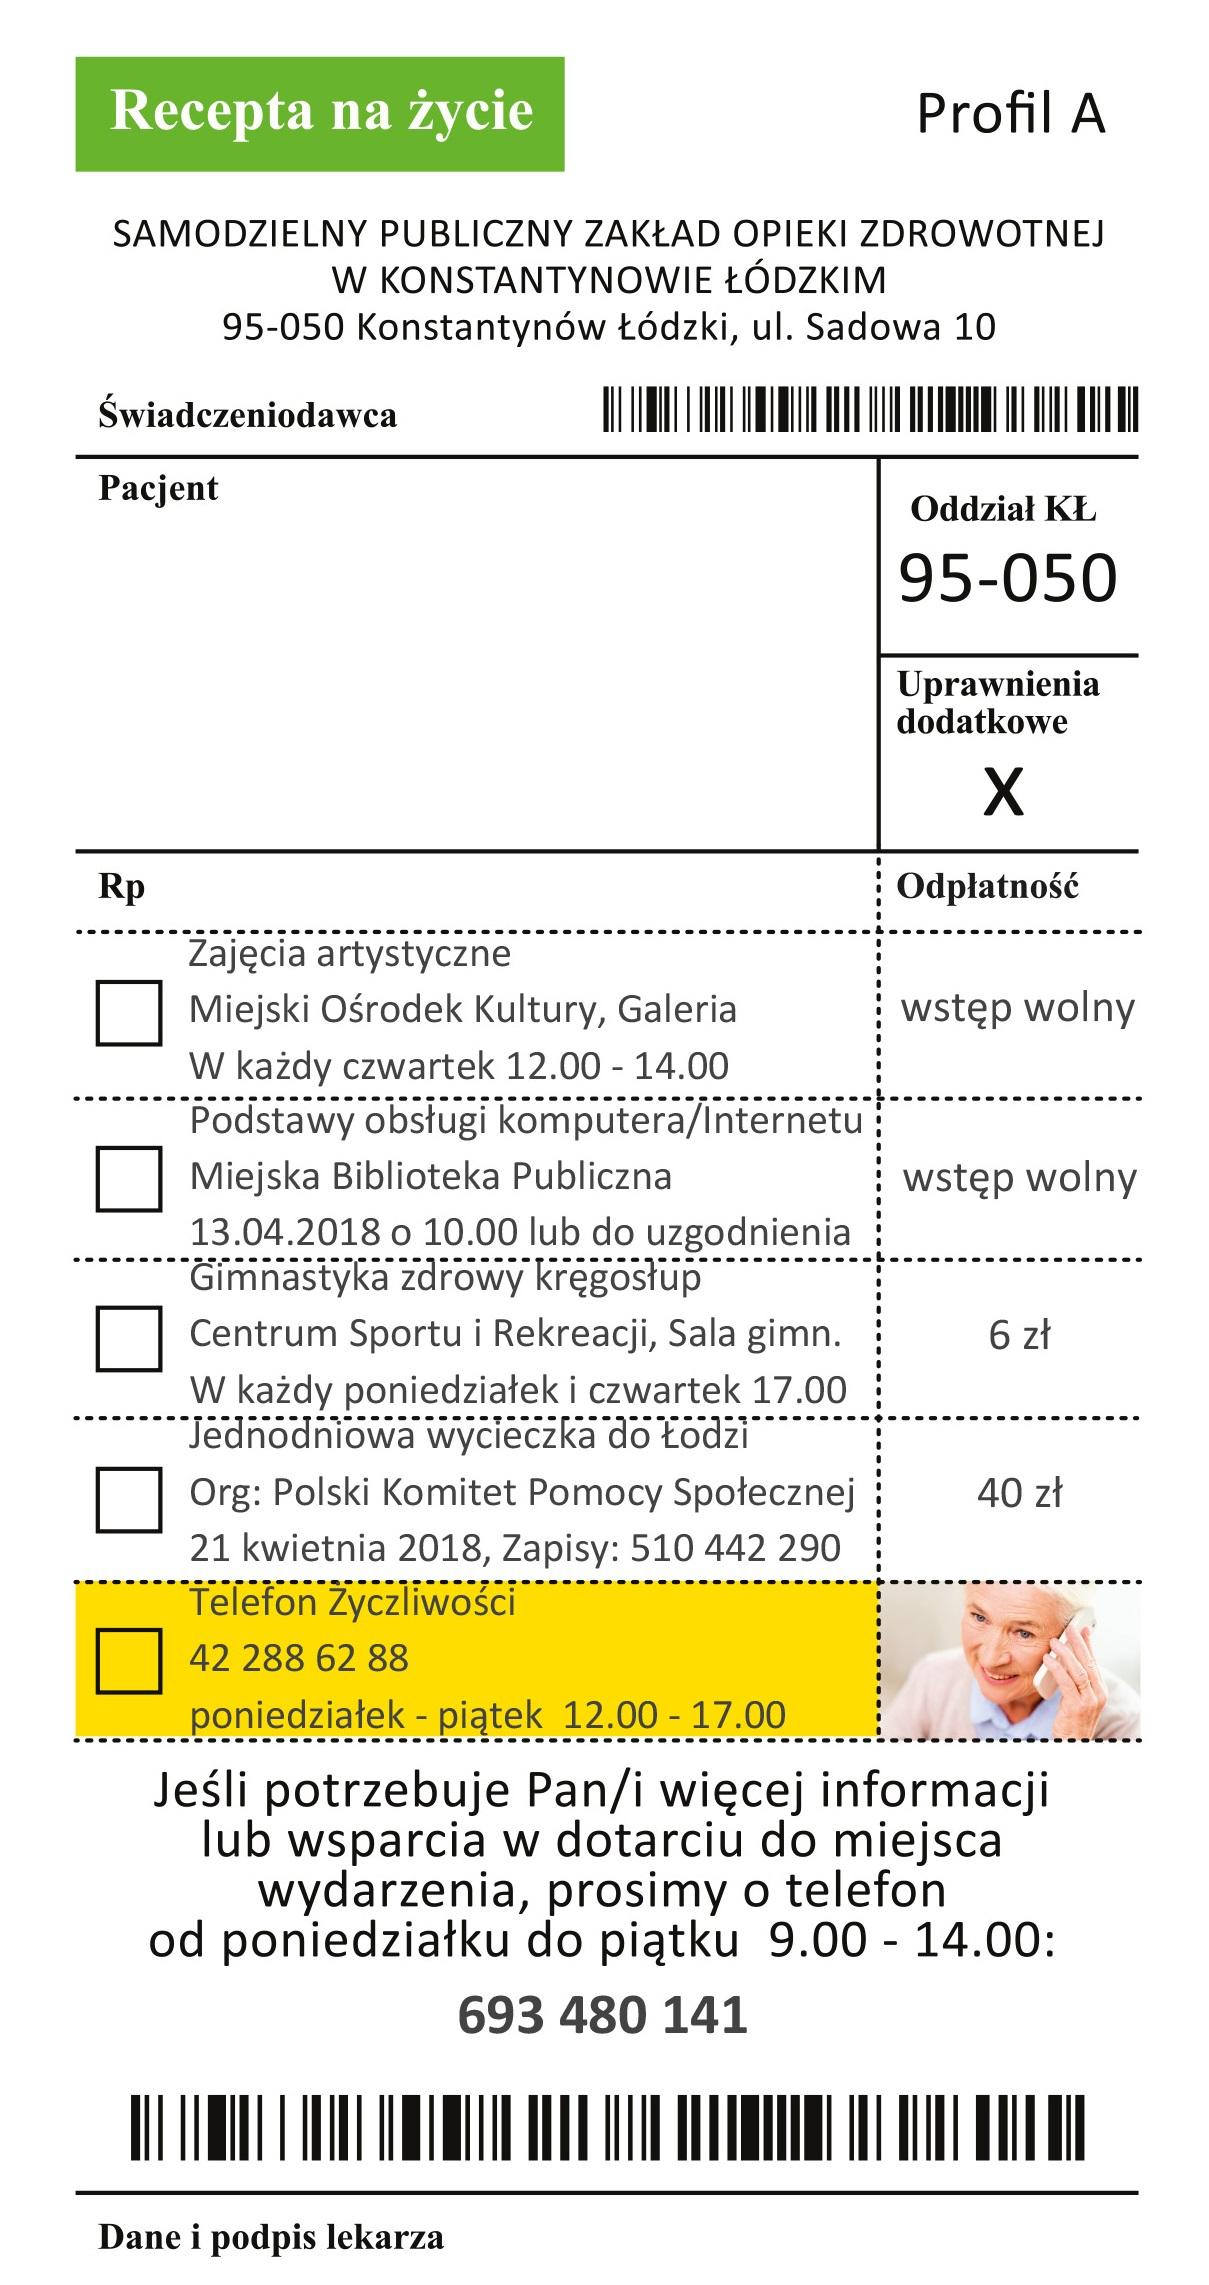 receptanazycie_v06 _profilA form-1 (1).jpg